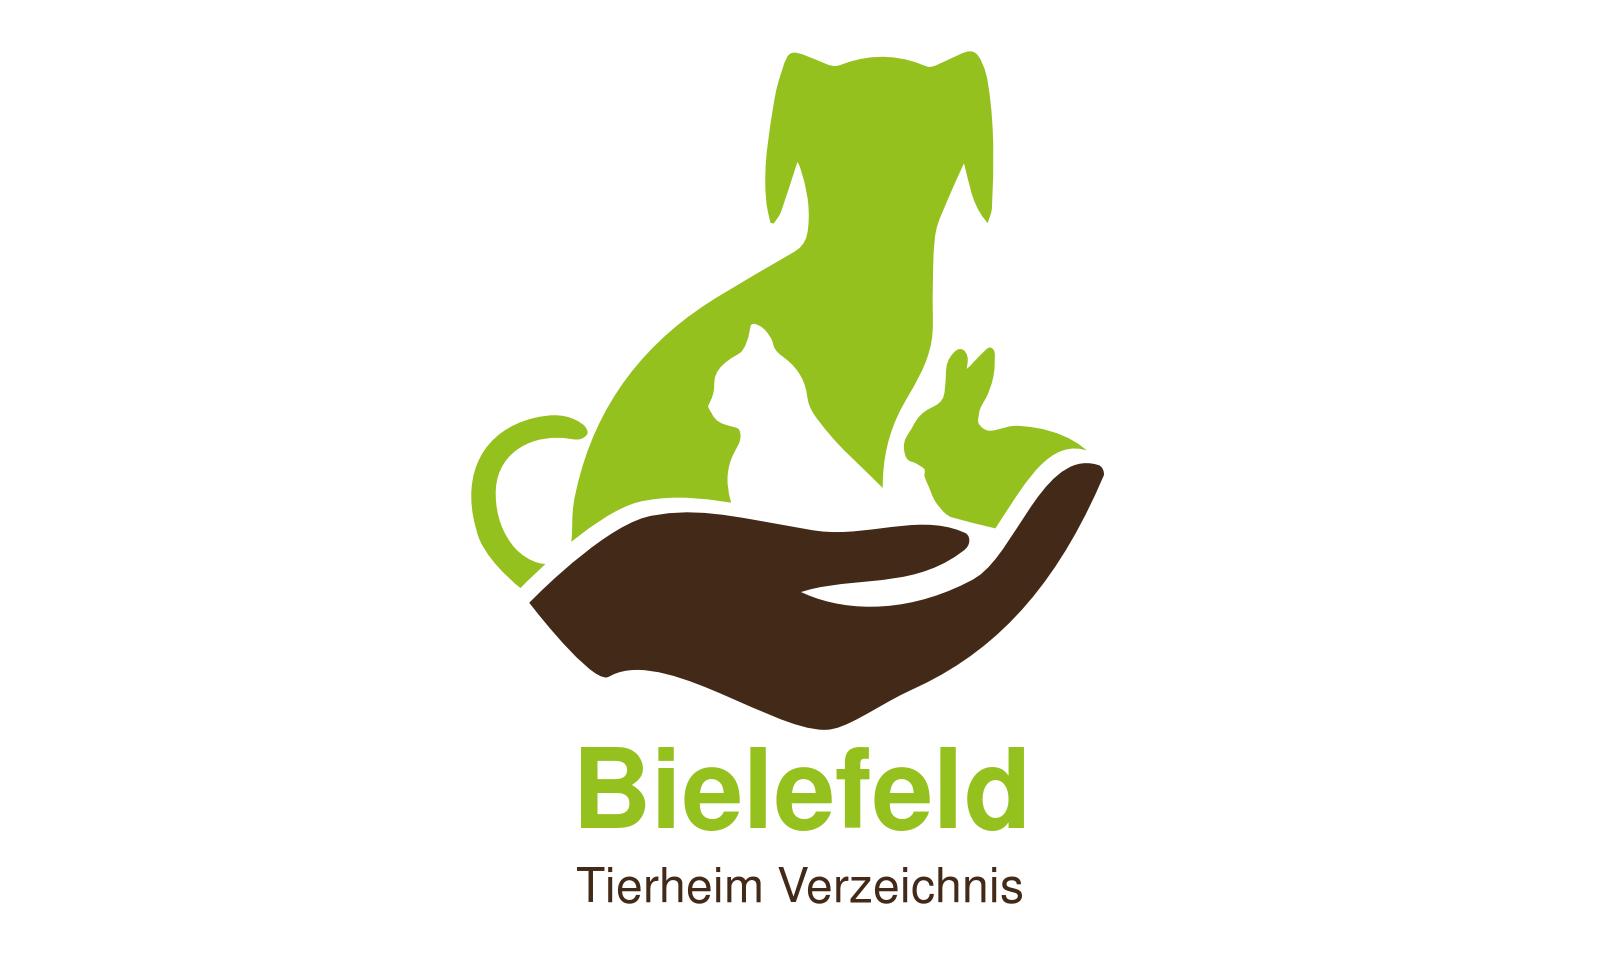 Tierheim Bielefeld